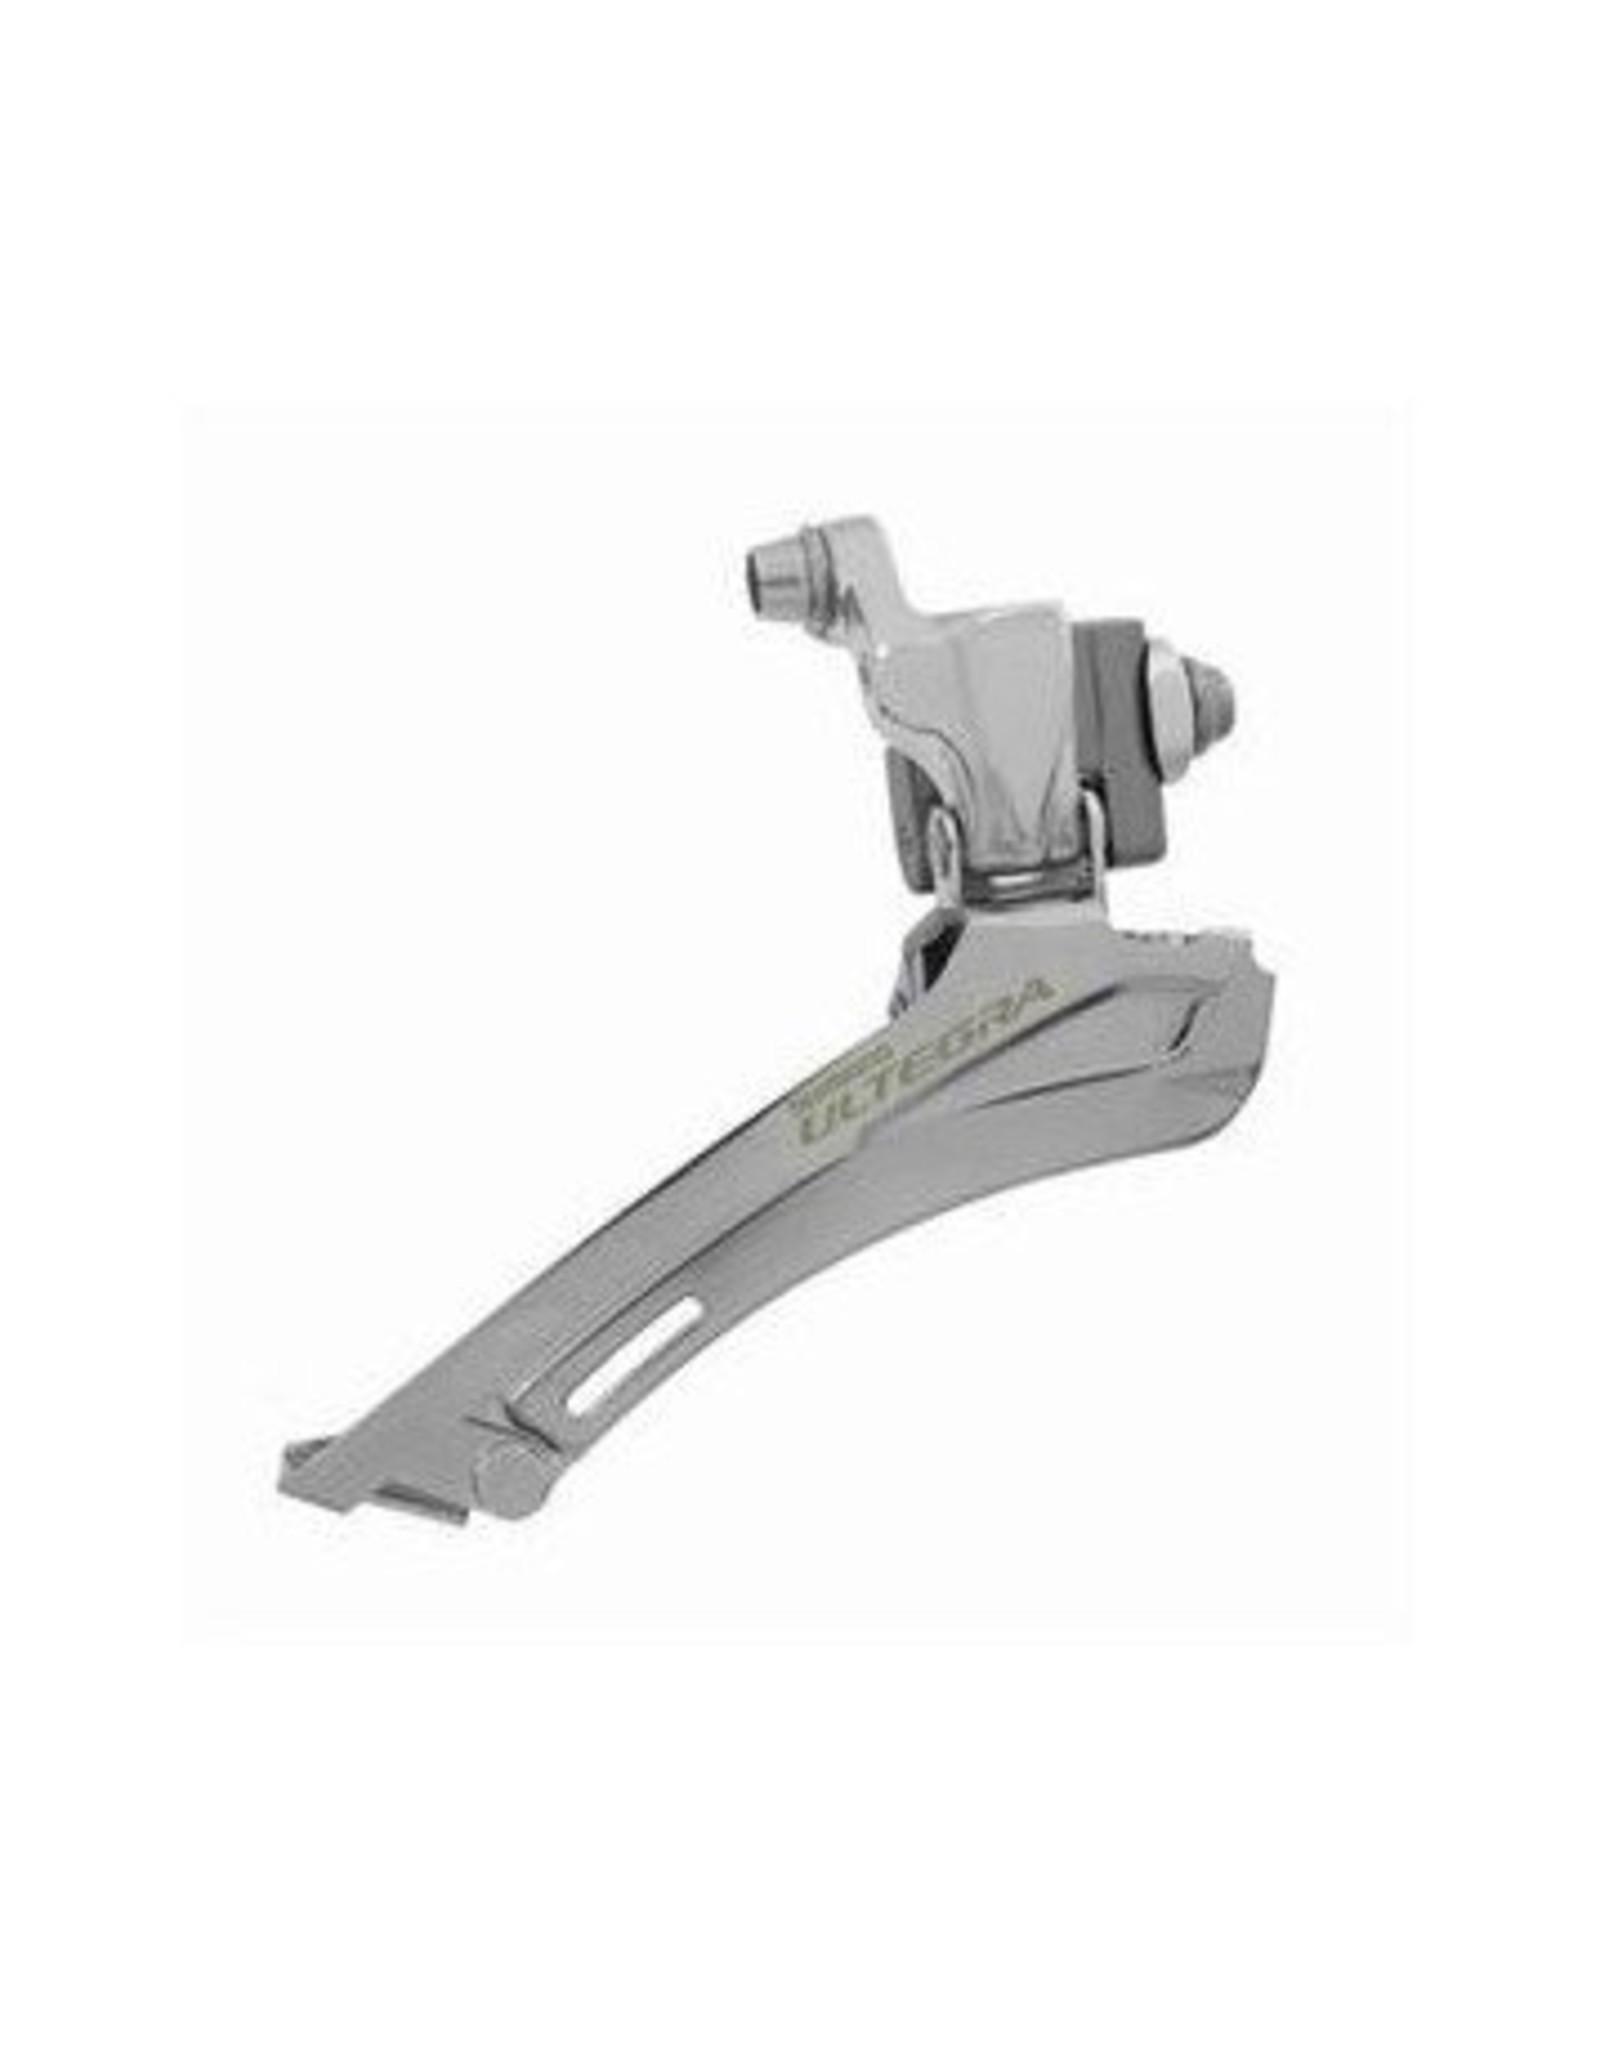 Shimano der avant FD 6600 ultegra 28.6, 31.8mm